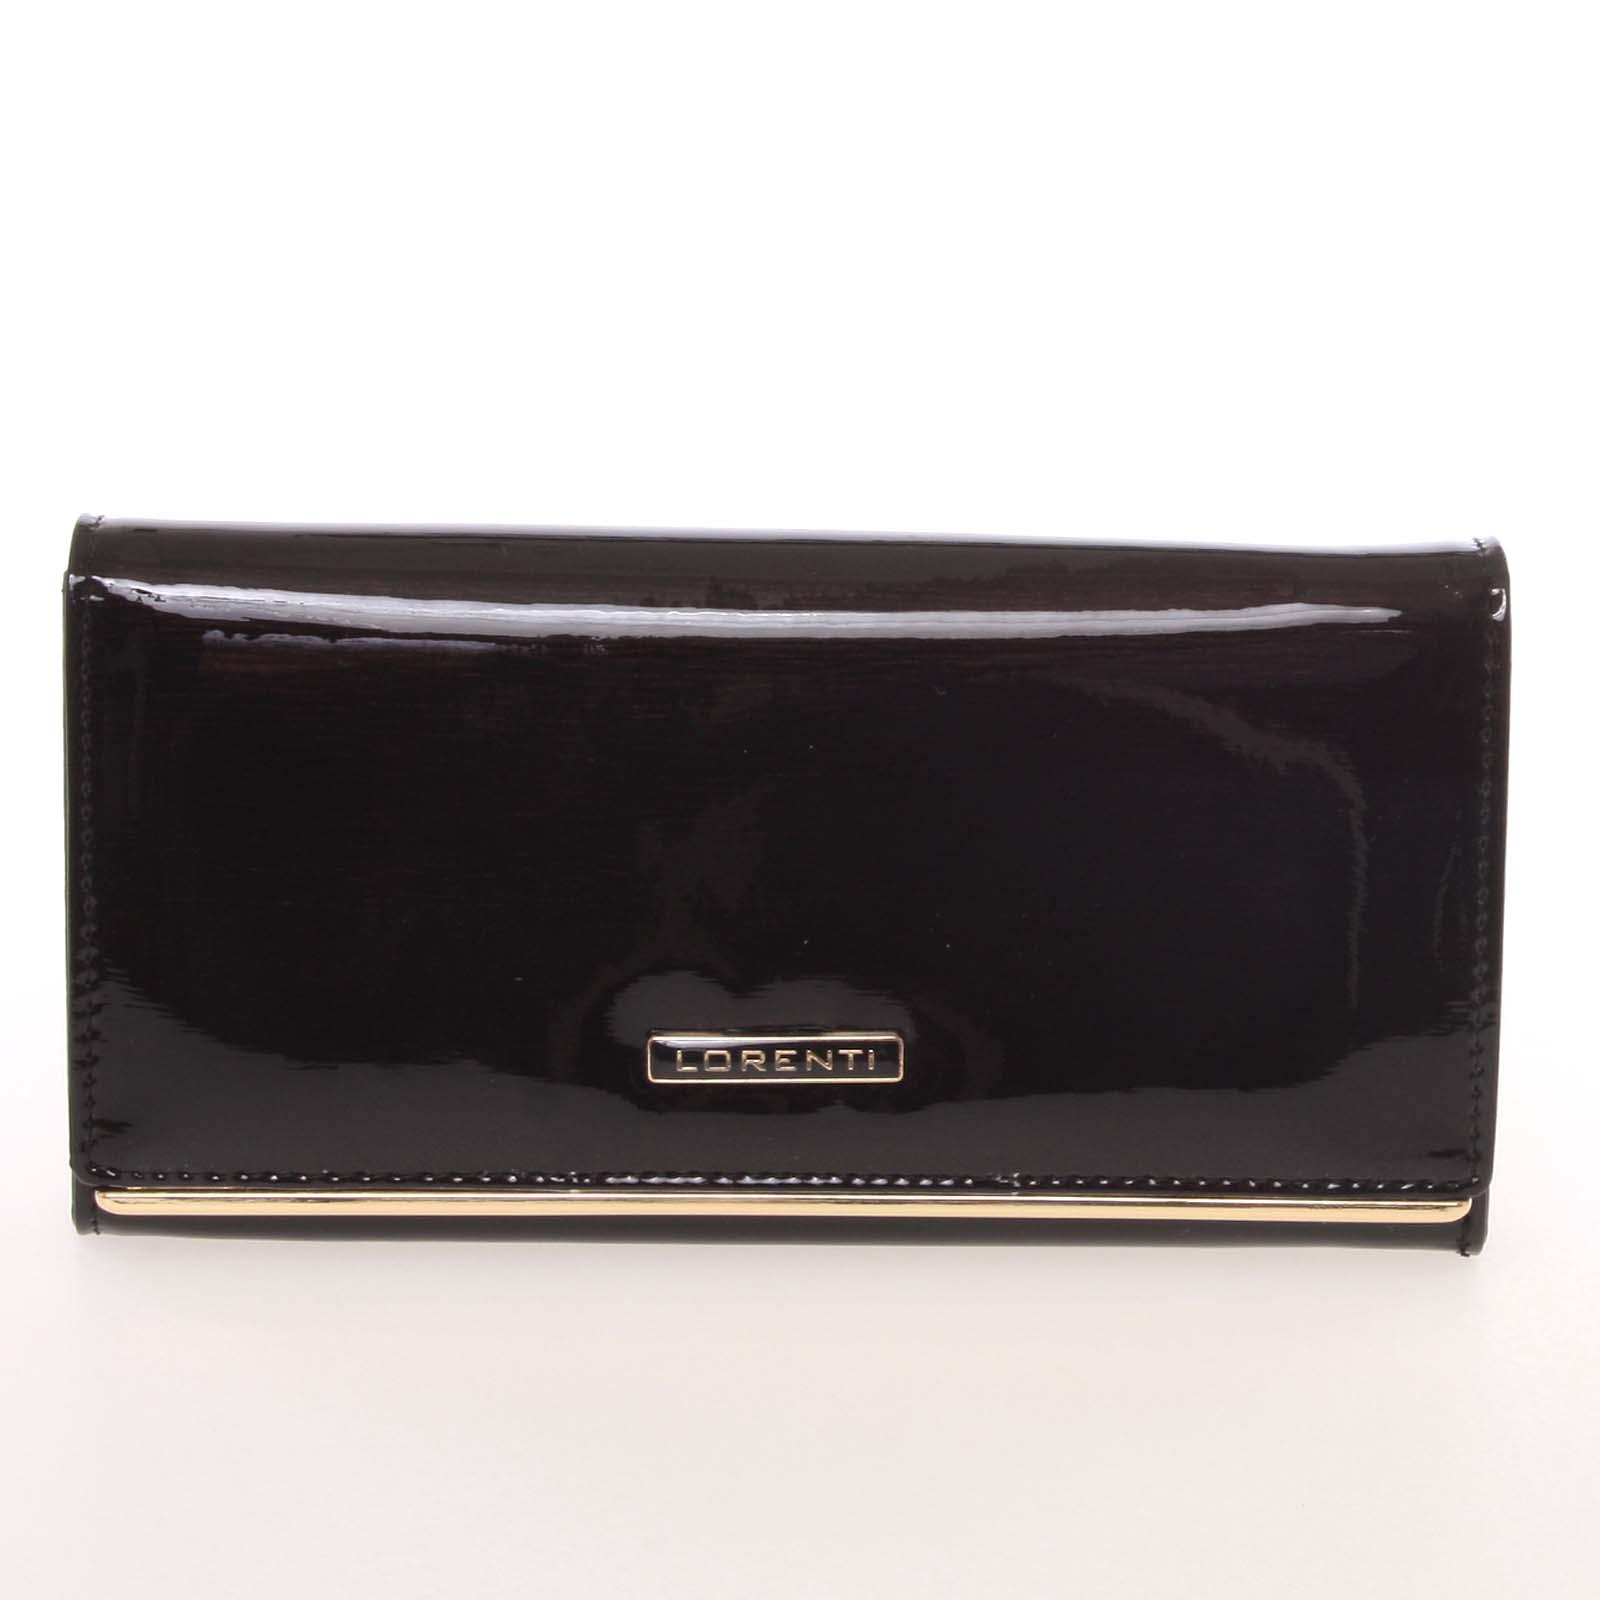 Luxusná lakovaná kožená čierna peňaženka - Lorenti 64003SH